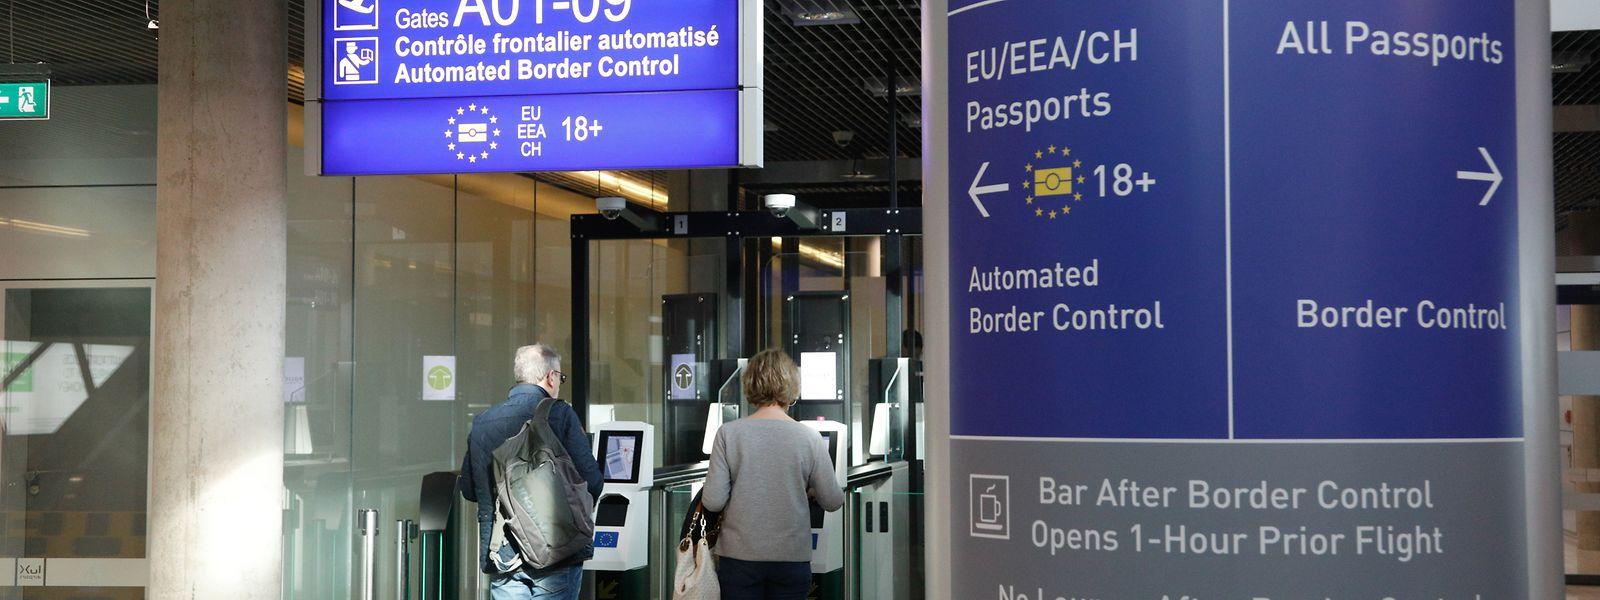 Une douzaine de vols arrivent chaque jour du Royaume-Uni. En cas de «Brexit dur», les passagers britanniques ne pourront emprunter les portiques de contrôle automatique.